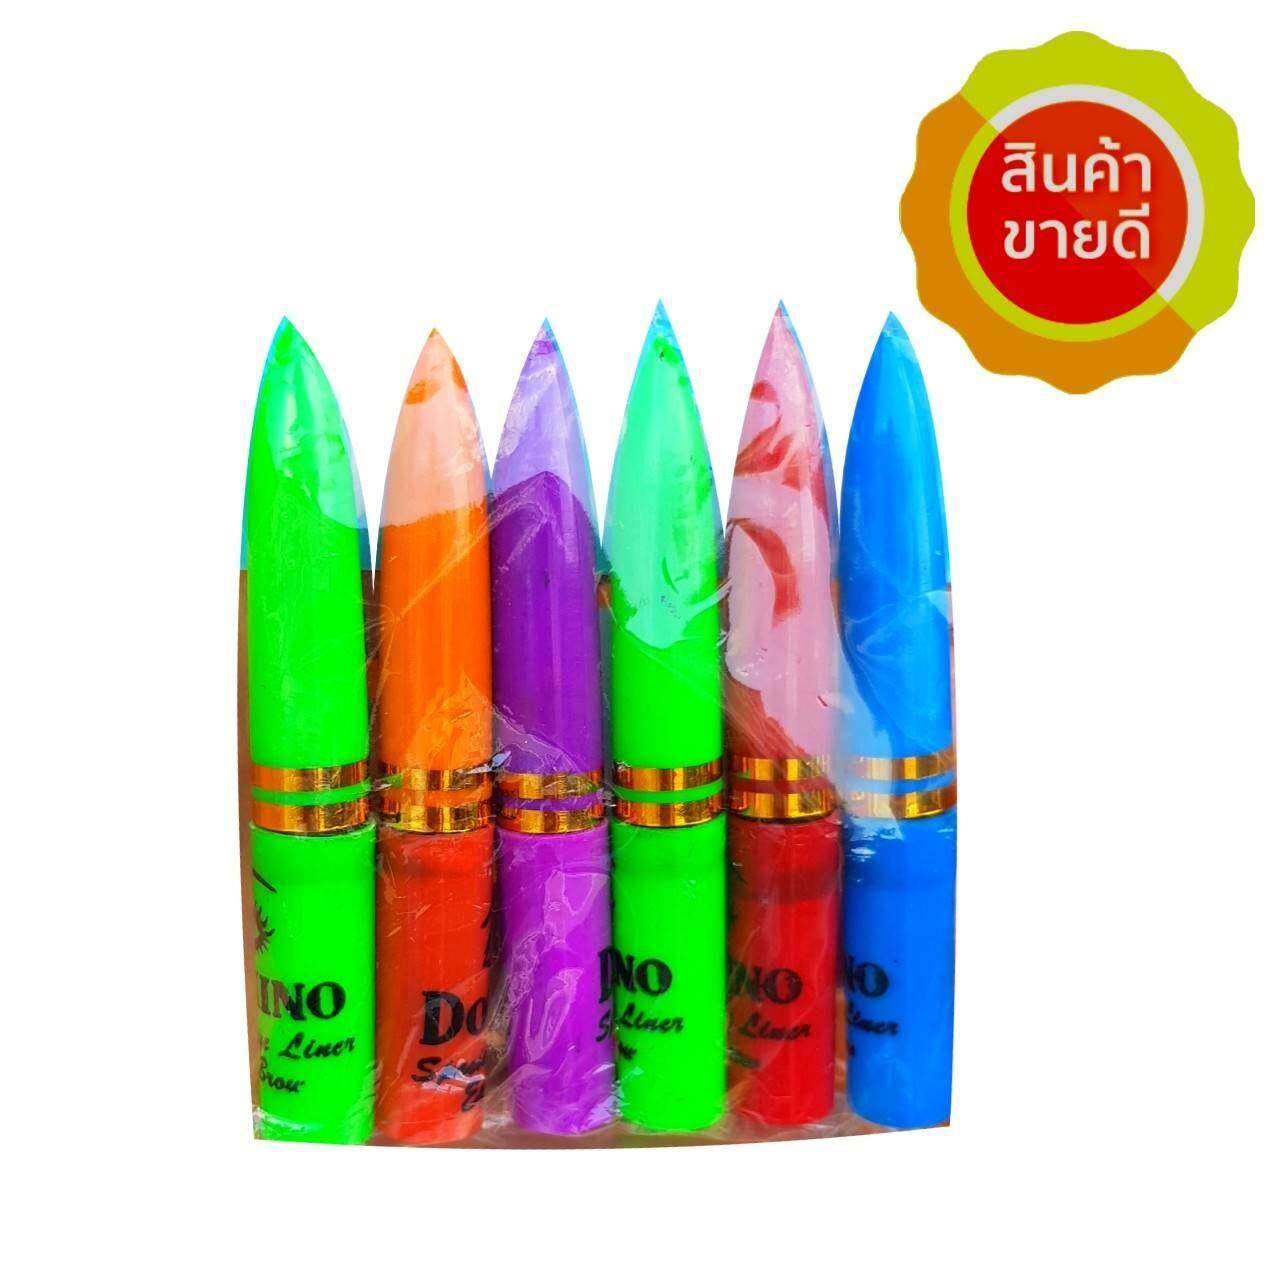 ดินสอเขียนขอบตาแขกใช้ดีมาก ตามหากันสุดๆ บรรจุ  6 แท่ง  =1 ชุด.